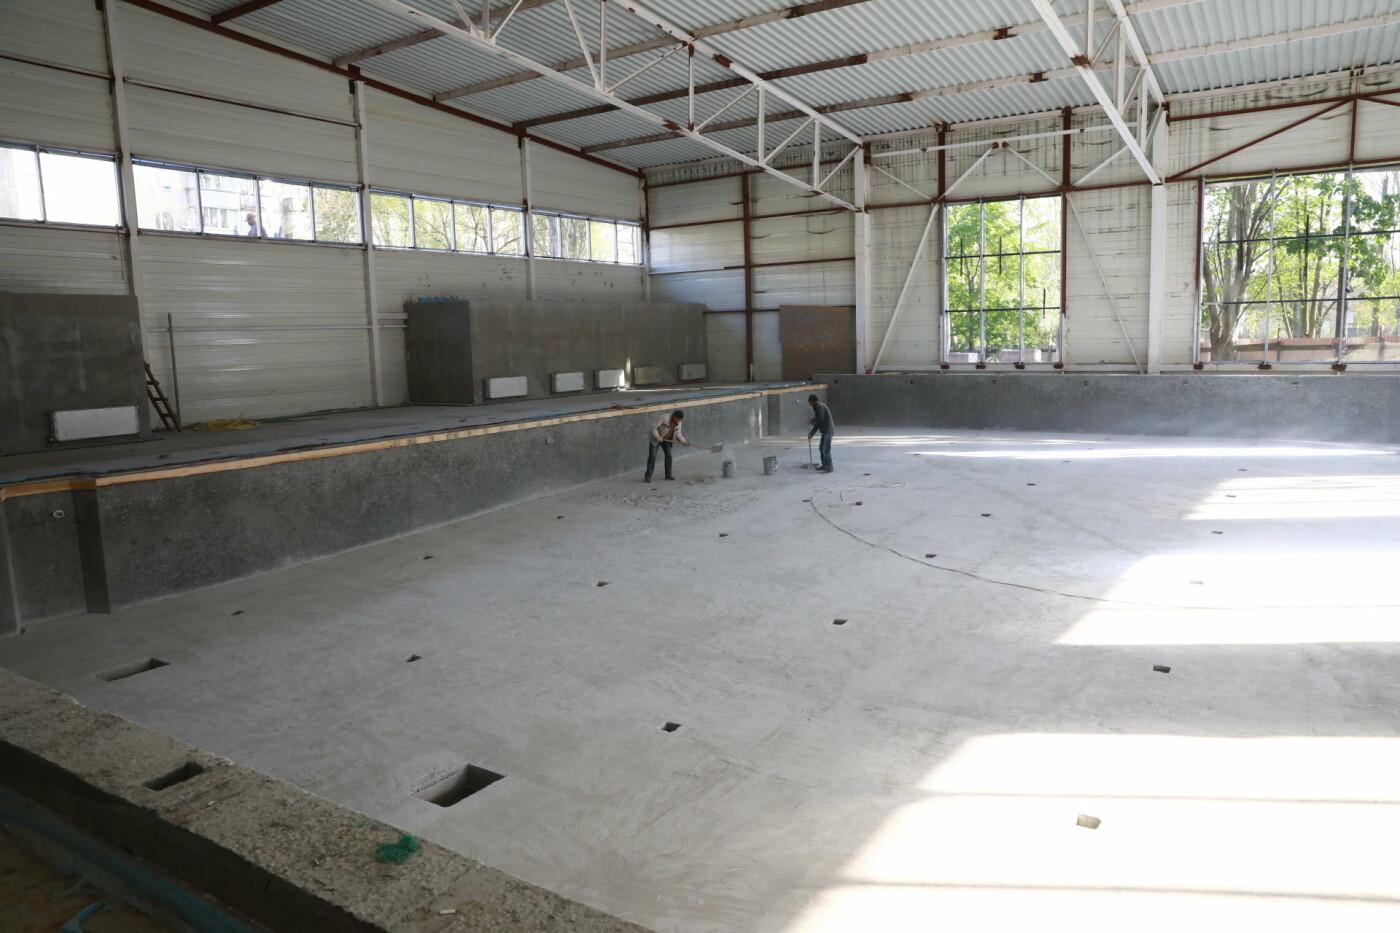 У Мелітополі продовжують будувати водно-спортивний комплекс, фото-3